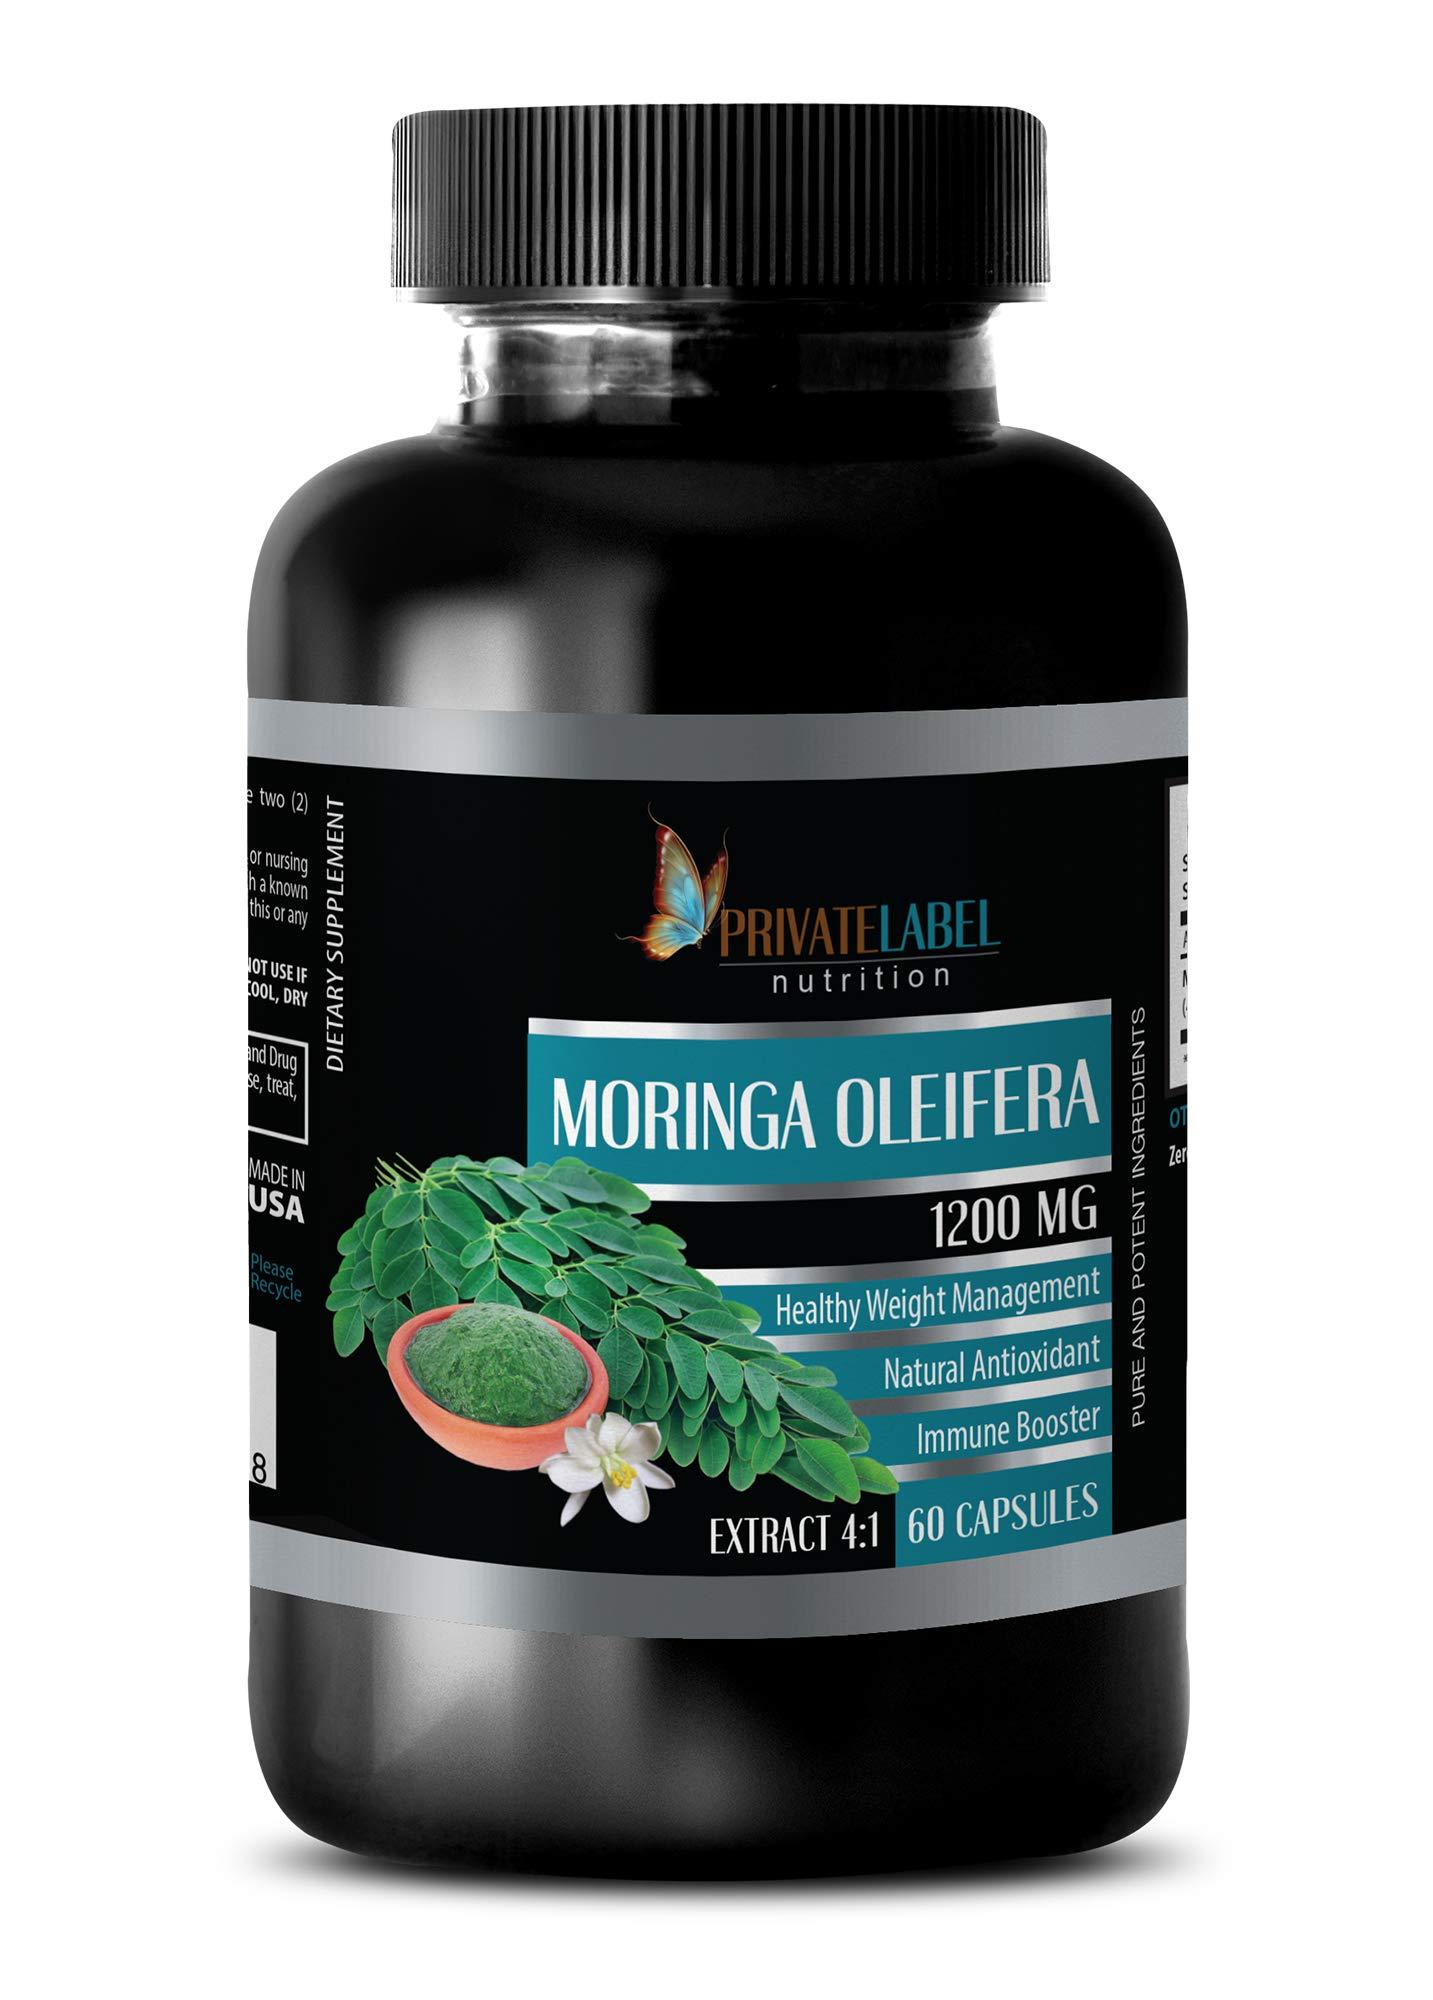 Immune System for Men - Moringa OLEIFERA Extract 4:1 1200MG - Moringa for Weight Loss - 1 Bottle (60 Capsules)